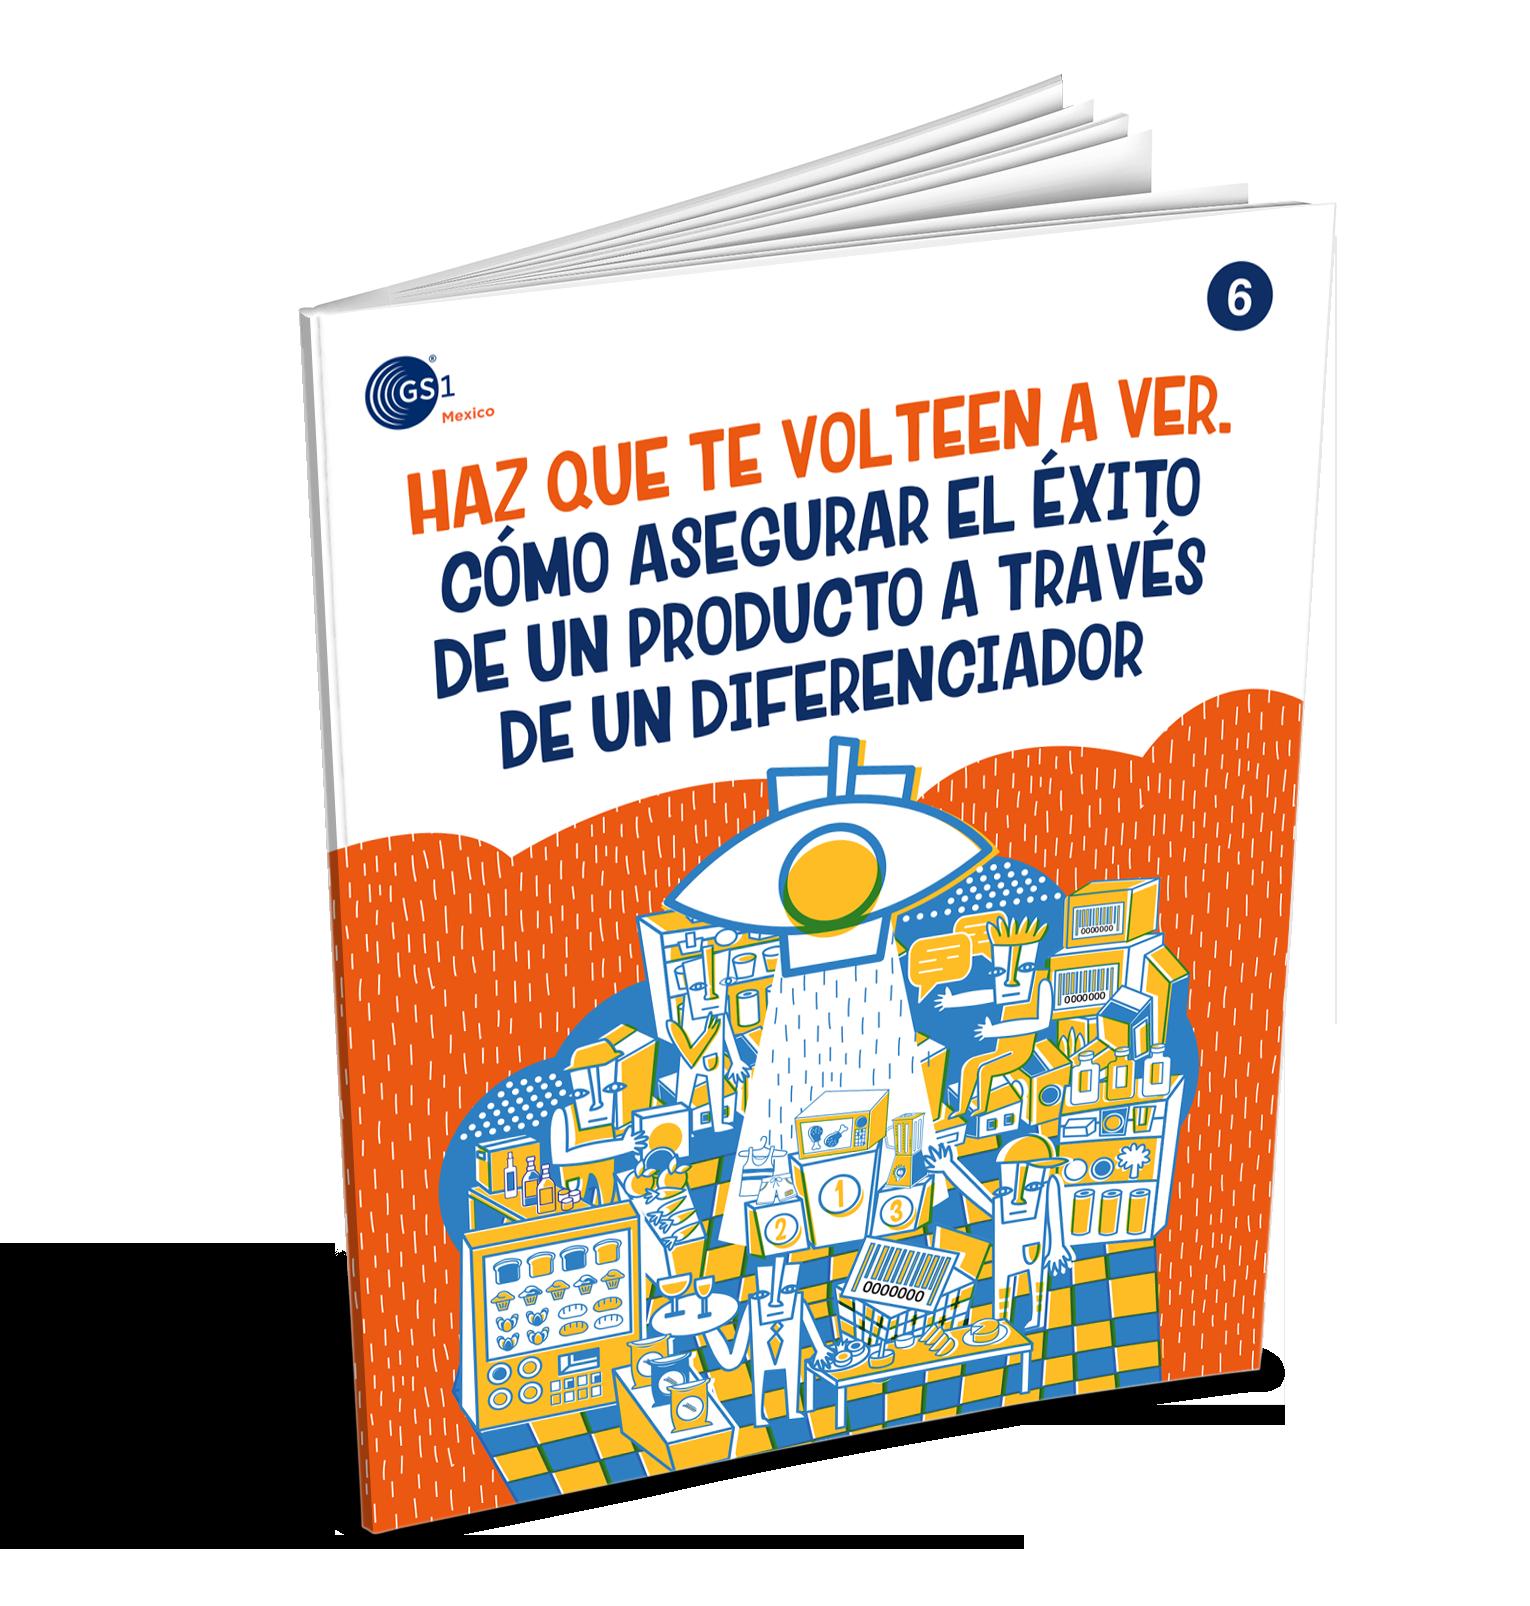 Portada eBook como lograr el exito a traves de un diferenciador GS1 Mexico 2018